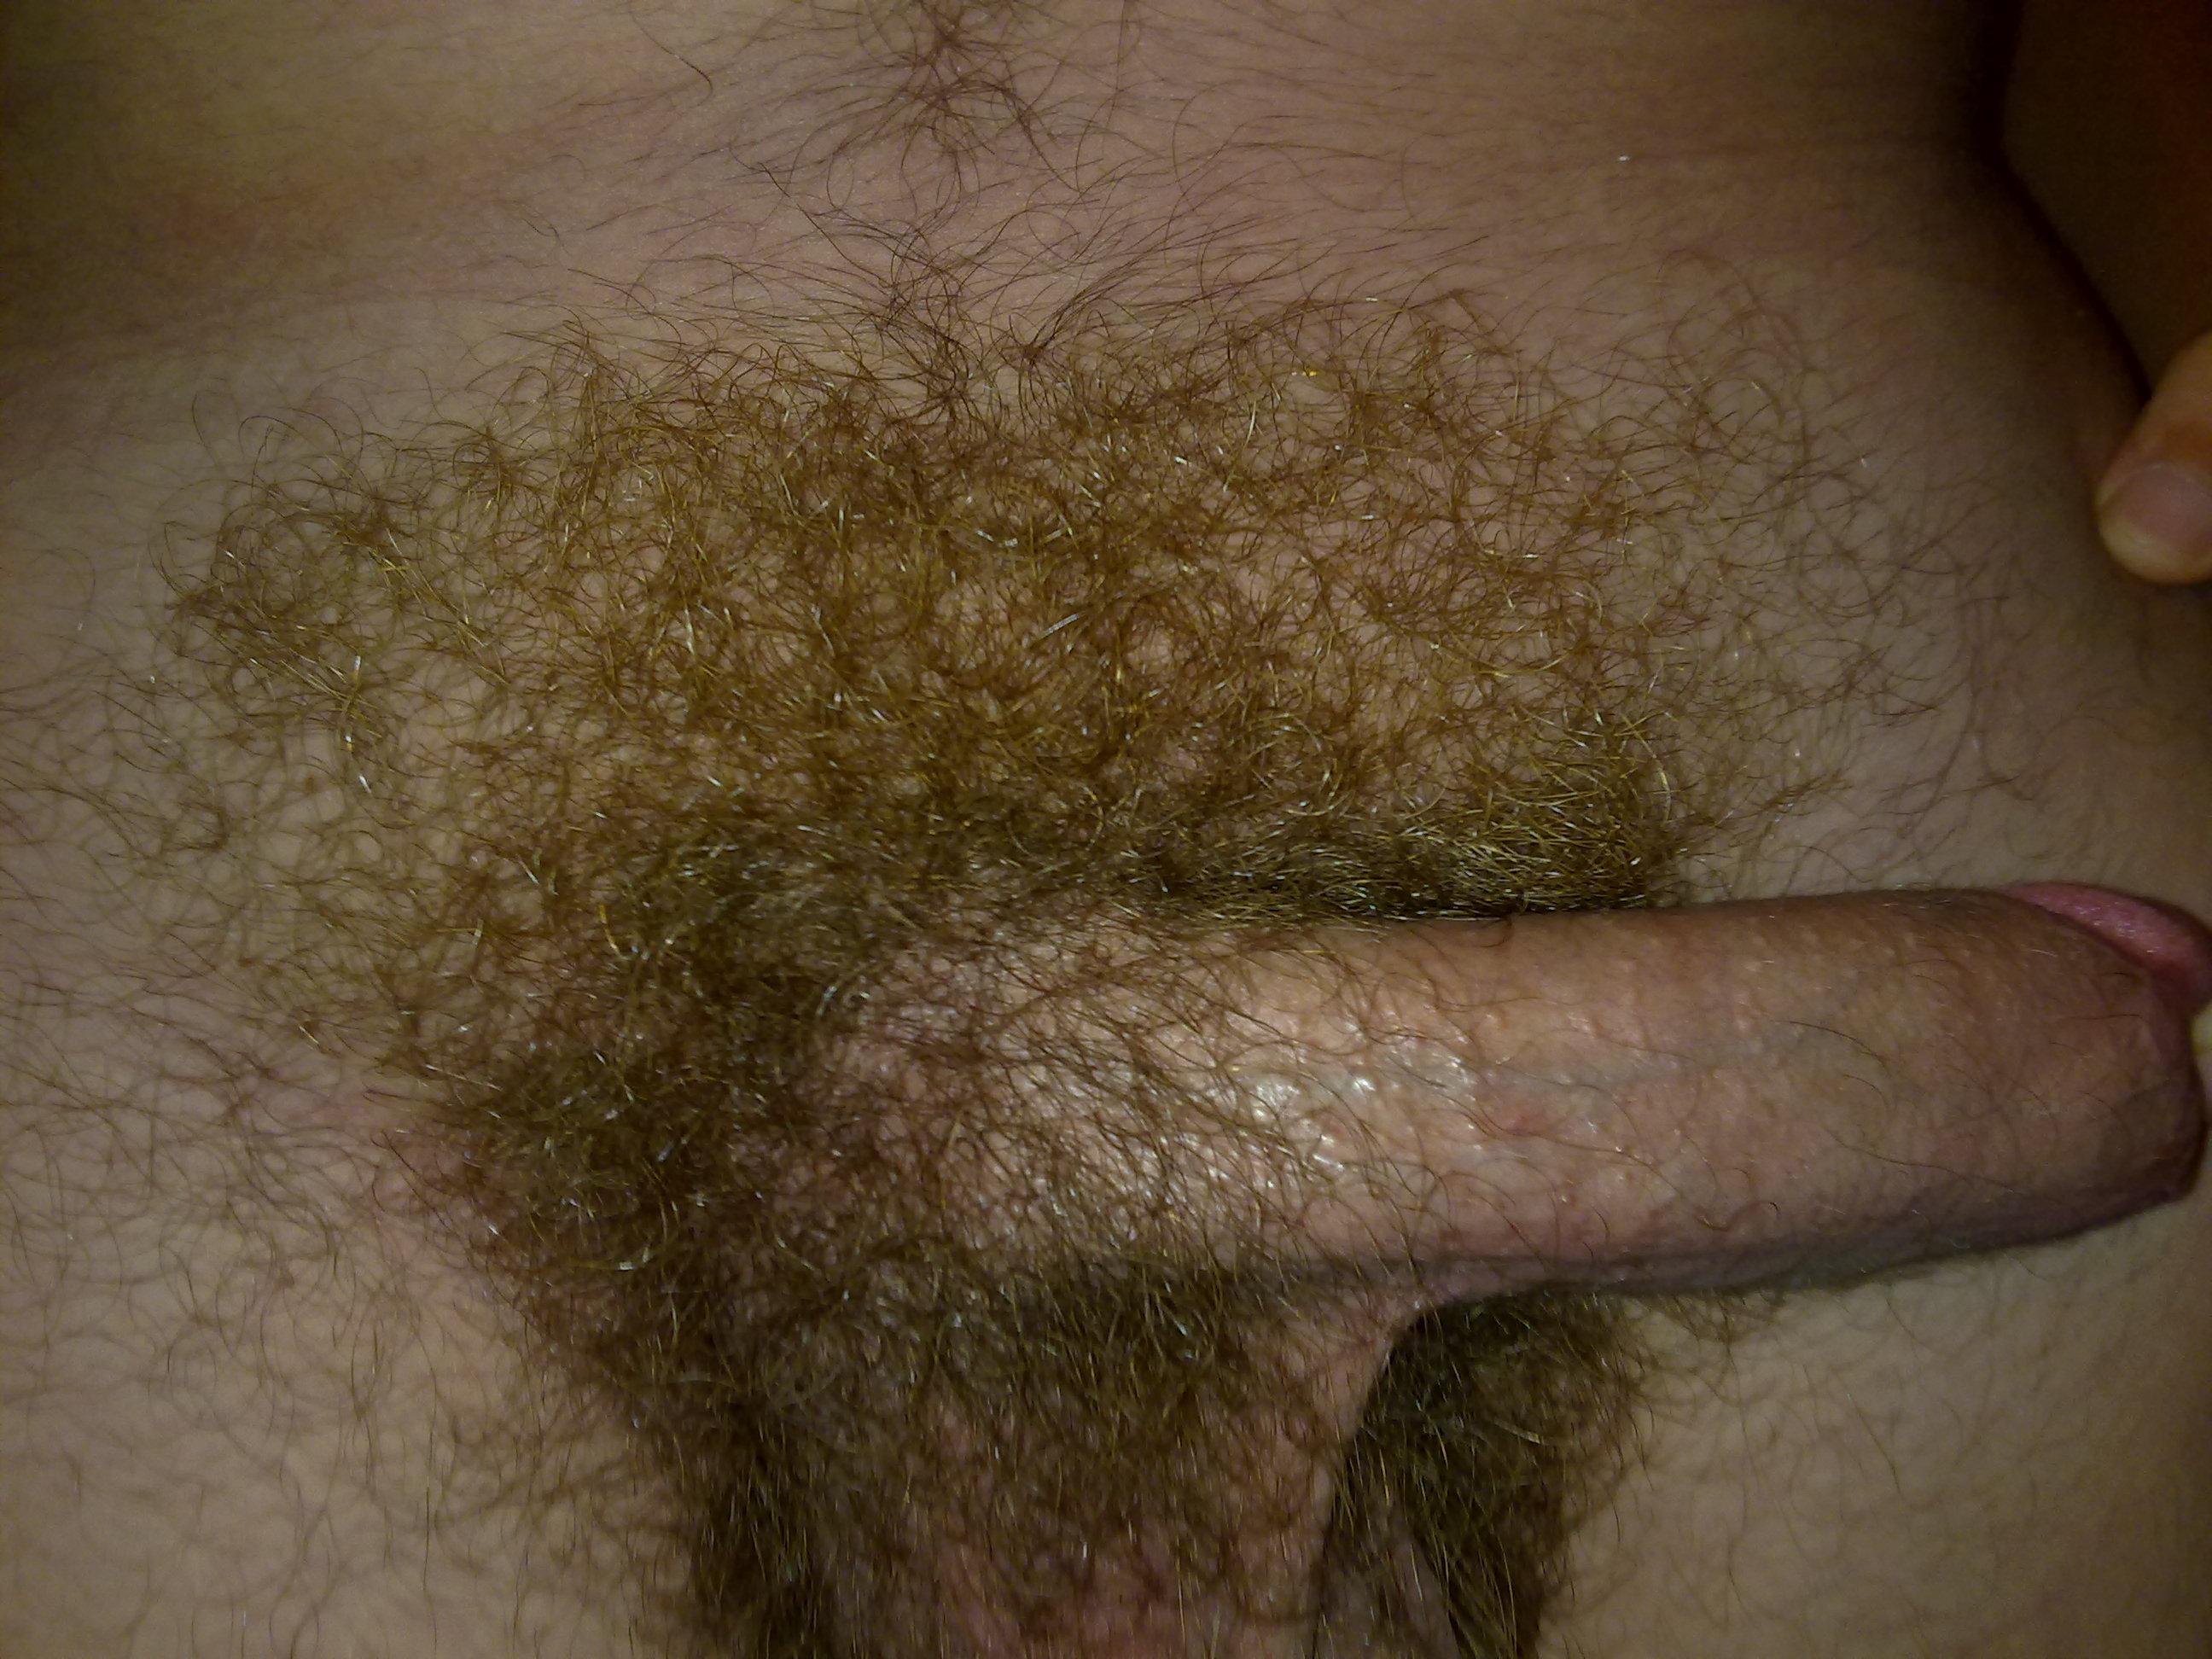 Is hair on my penis normal